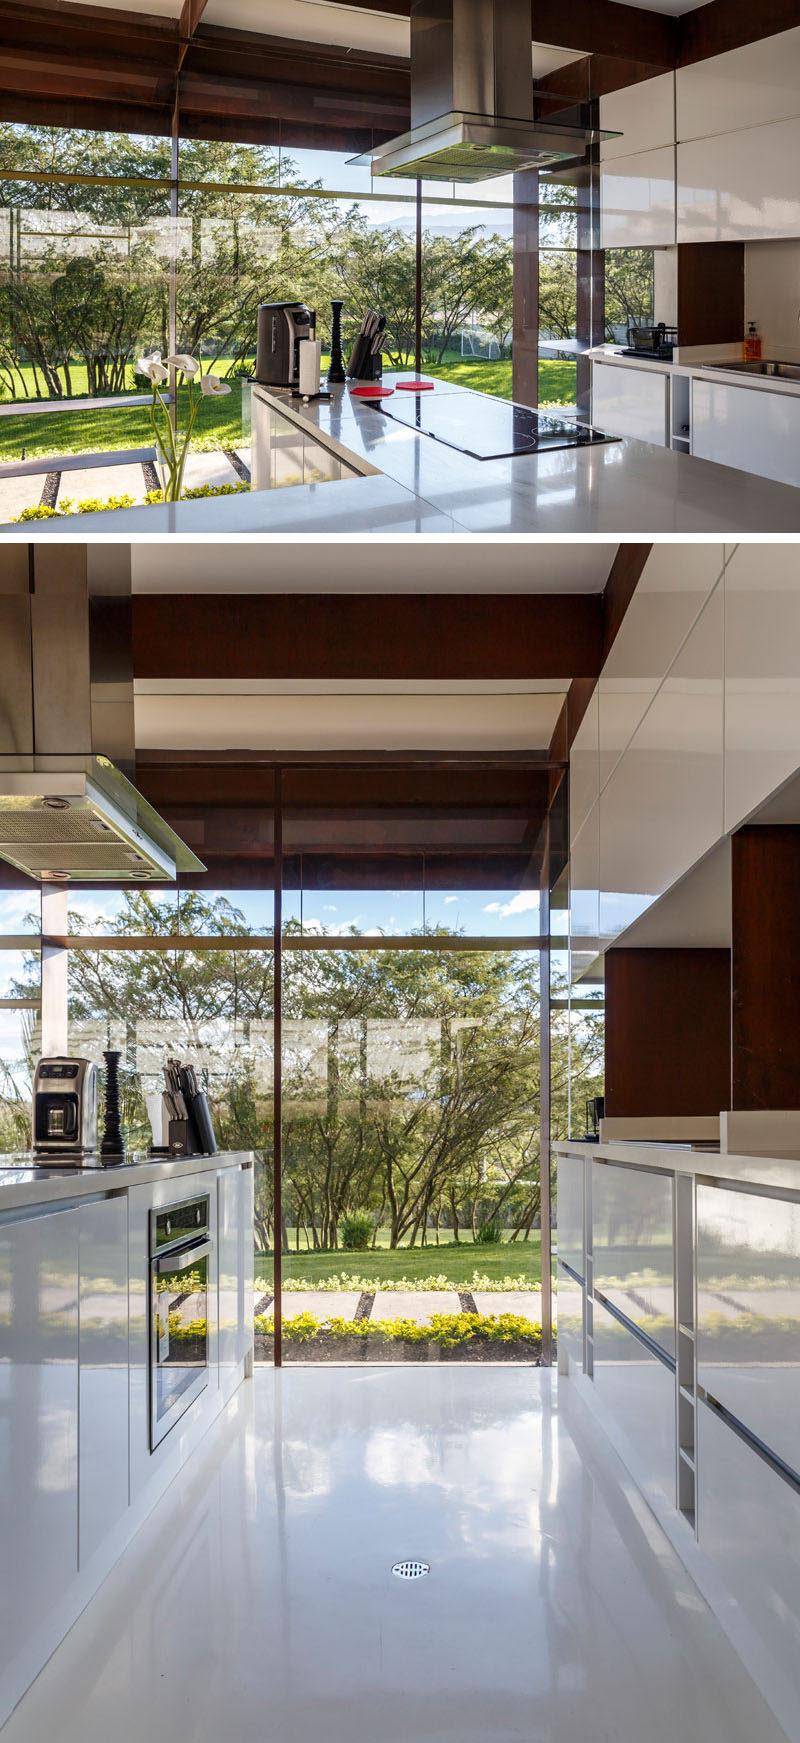 This modern kitchen has minimalist white cabinets that match the white floor. #WhiteKitchen #Windows